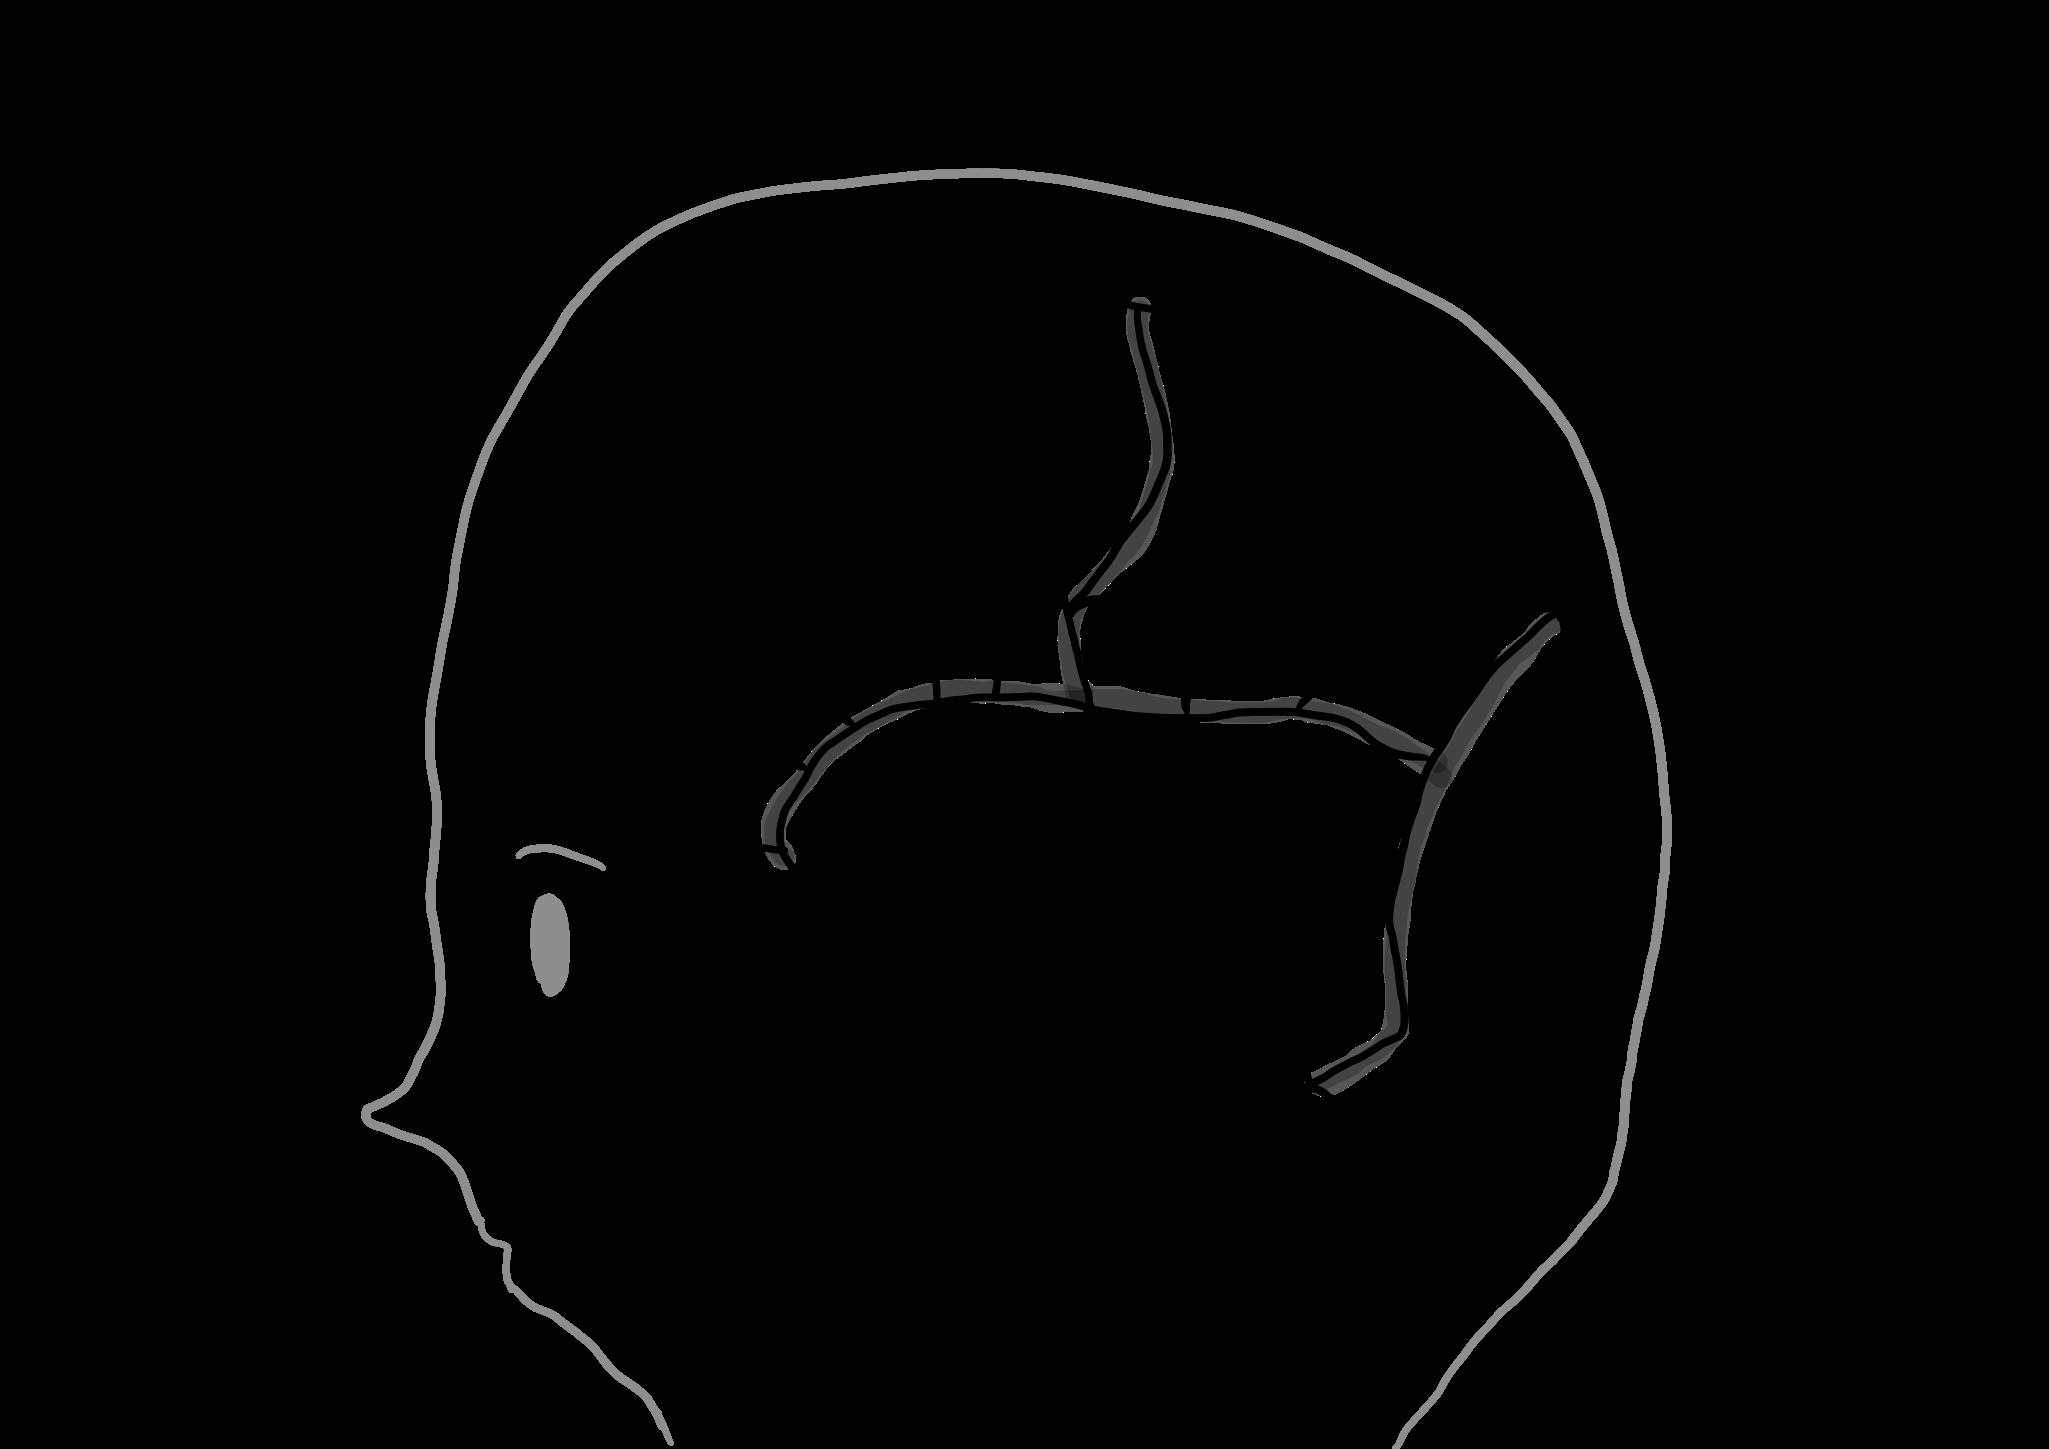 脳番地の地図の画像